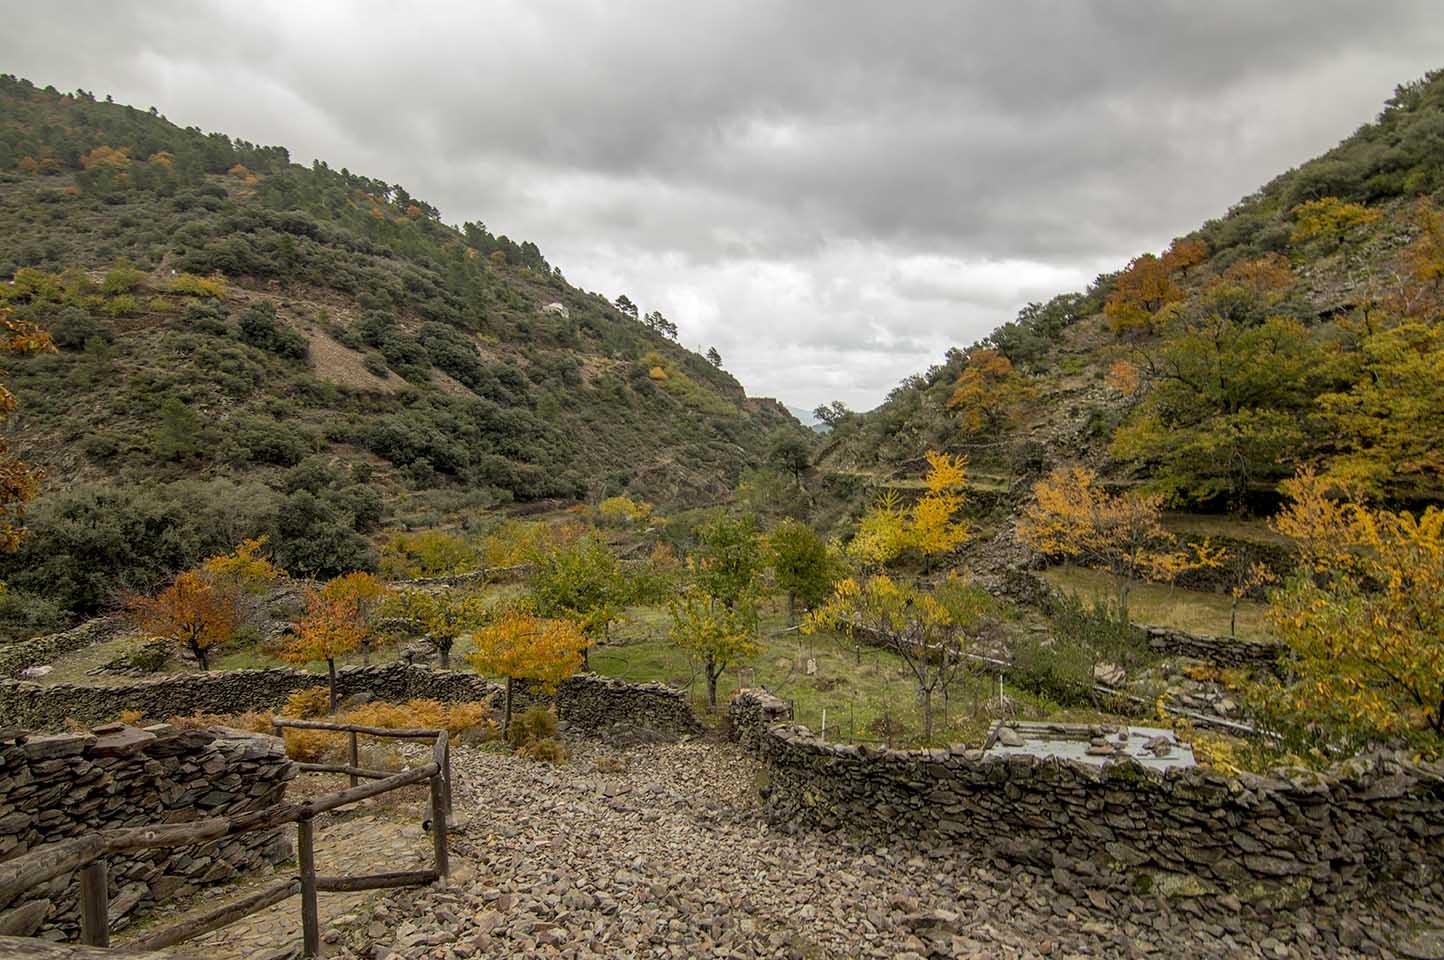 Ruta senderismo al Chorro de la Meancera de El Gasco, Las Hurdes